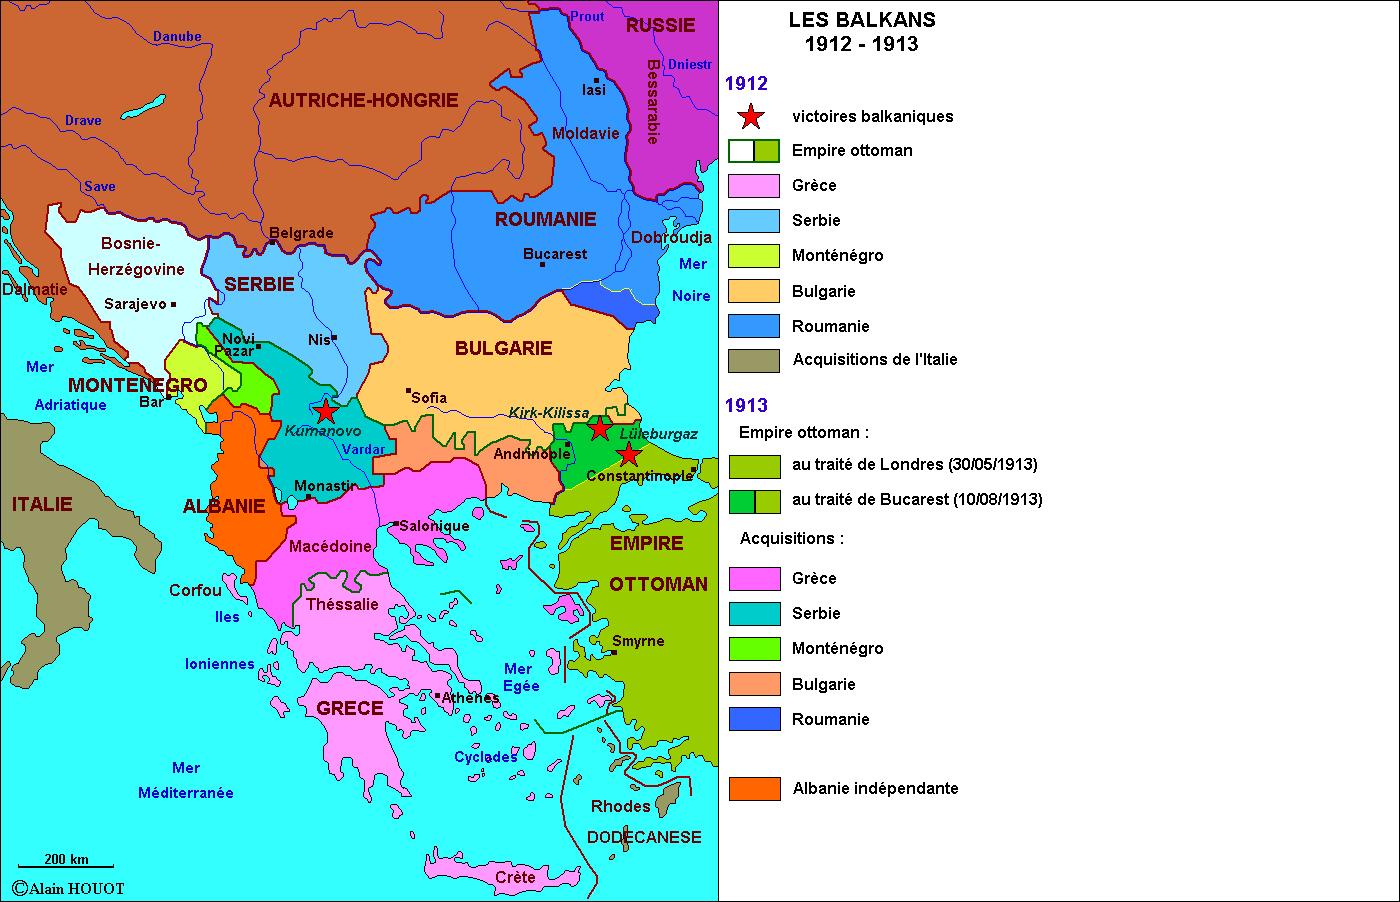 Les Balkans, 1912-1913